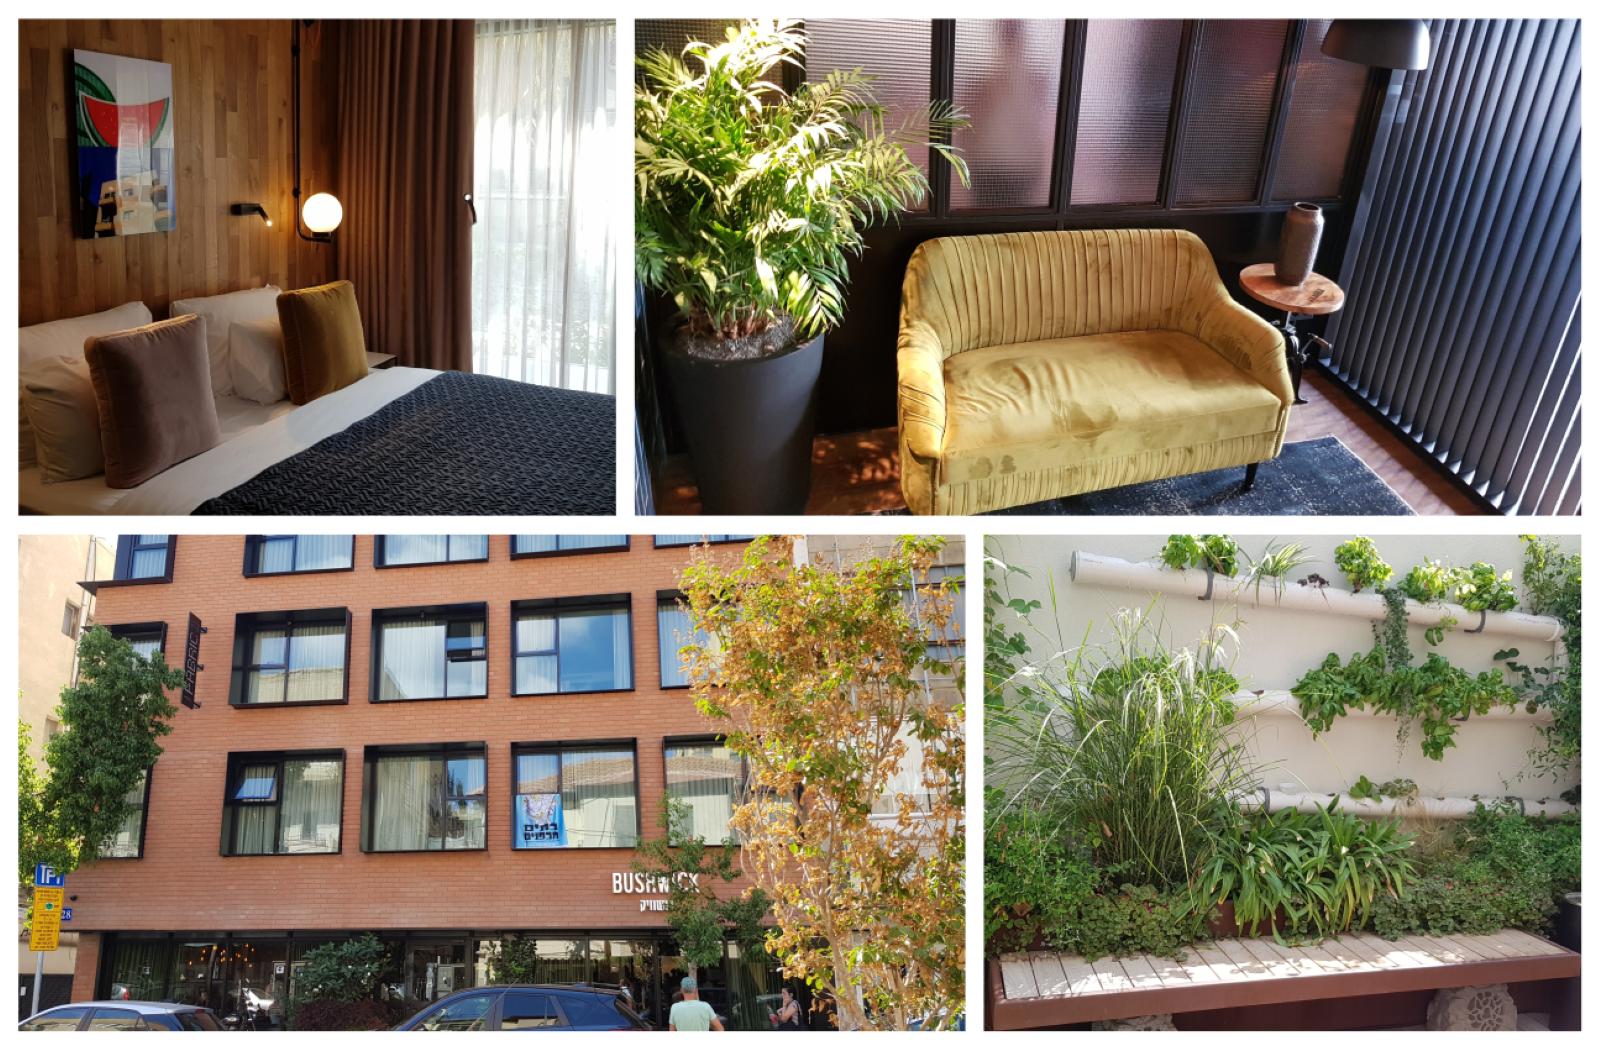 תמונות של המלון מבחוץ ומבפנים